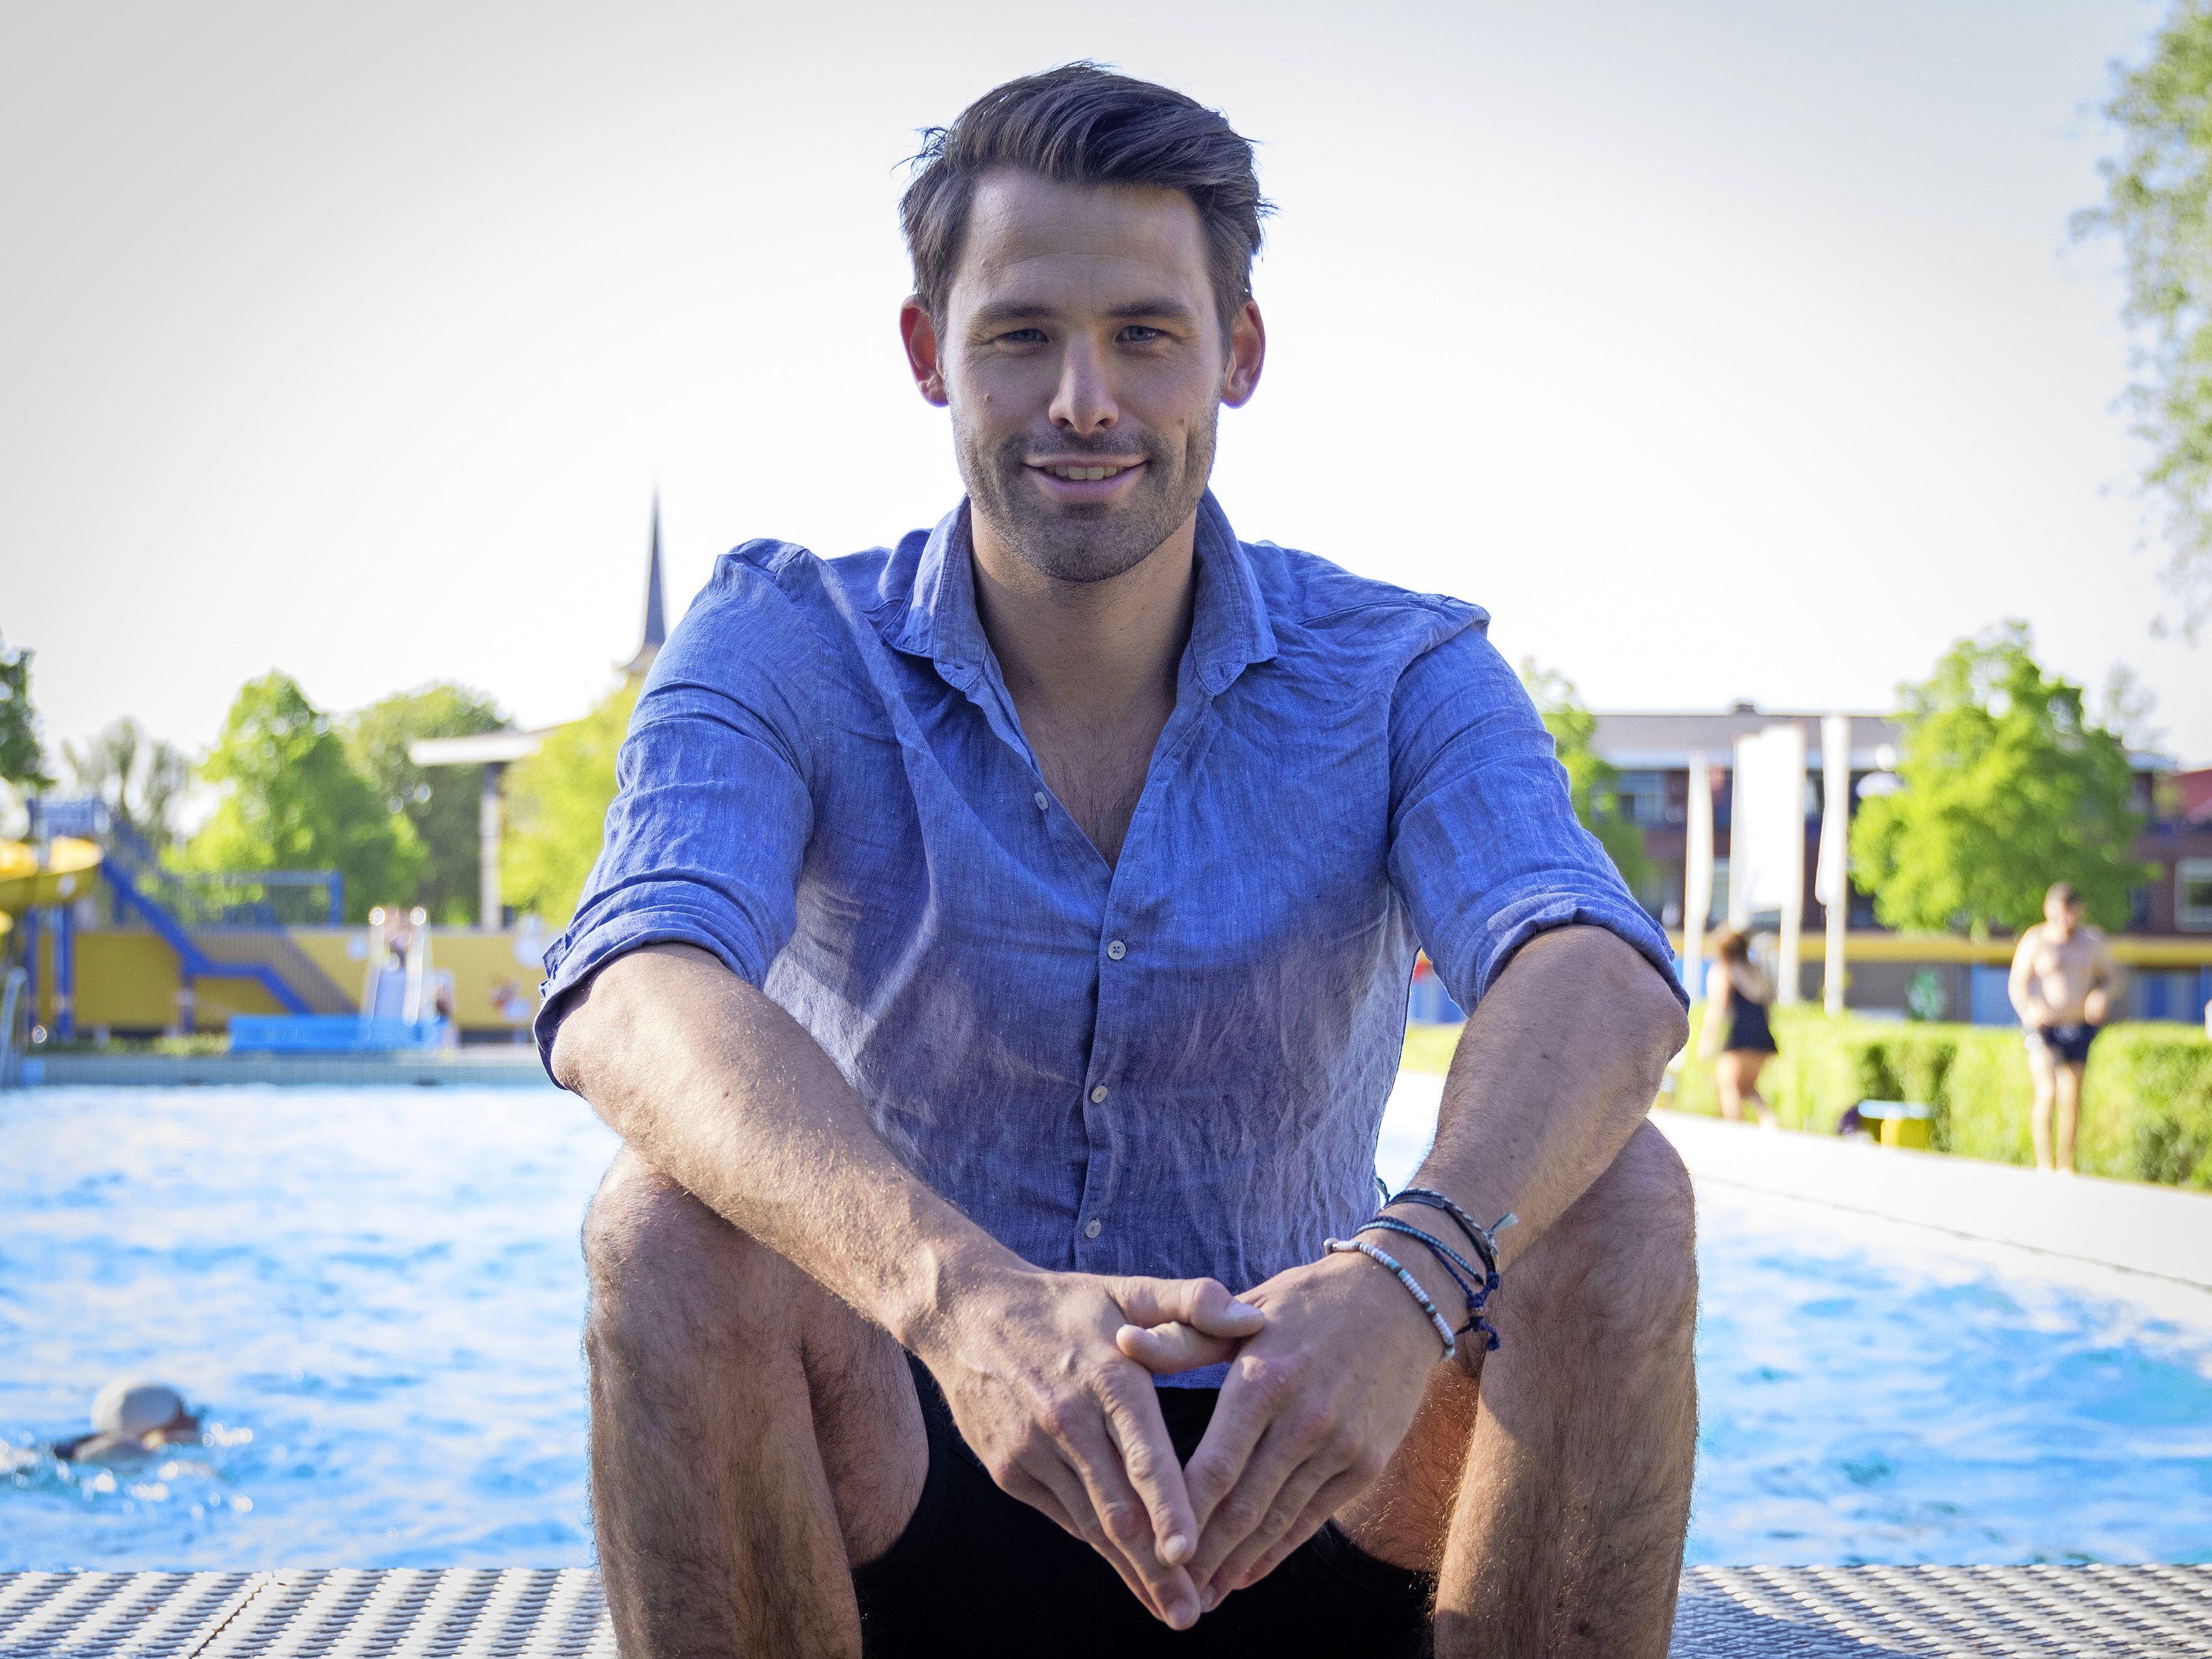 Joost Reijns haalde vaak de media door zijn prestaties in het water. Toch ging het ook vaak over zijn veel zwaardere strijd buiten het zwembad: tegen teelbalkanker